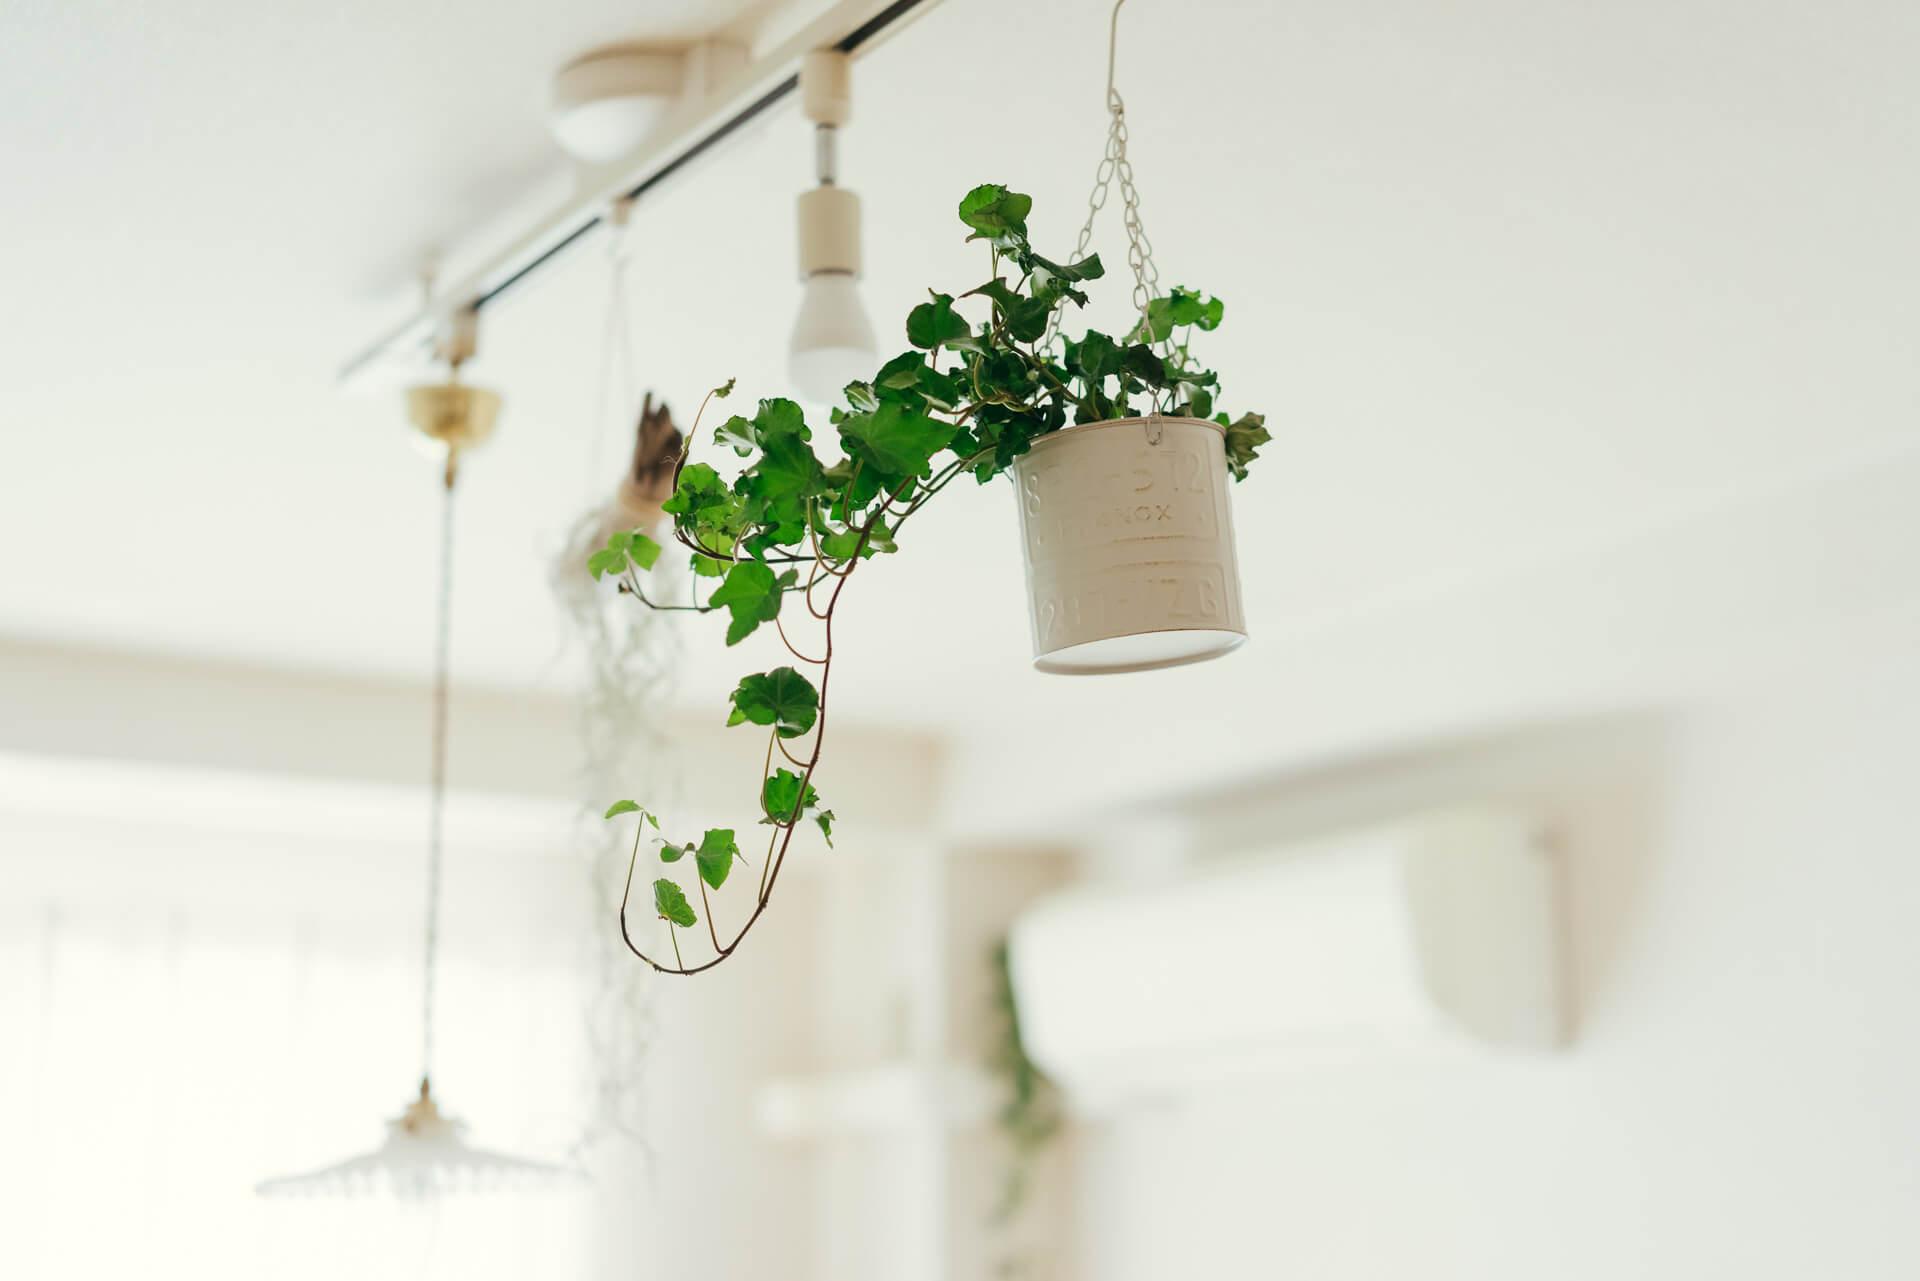 「斑入りのものや、垂れ下がる植物が好き」というsakiyukaさん。引掛シーリングにつけられるライティングレールにエアプランツやアイビーを配しています。